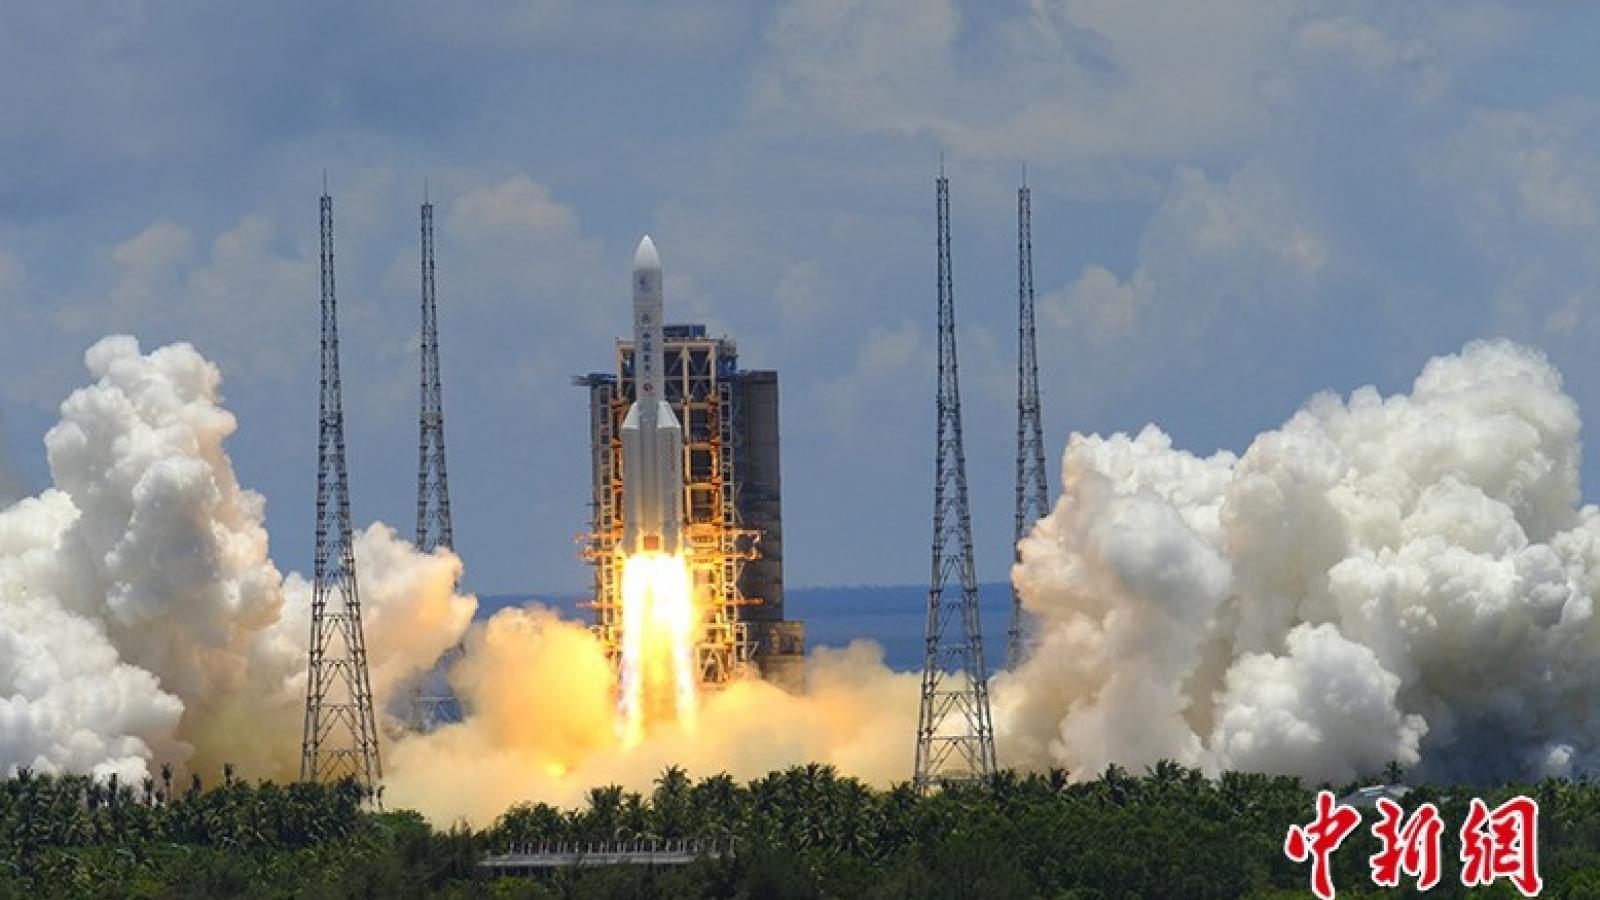 Trung Quốc phóng thành công thiết bị thăm dò sao Hỏa